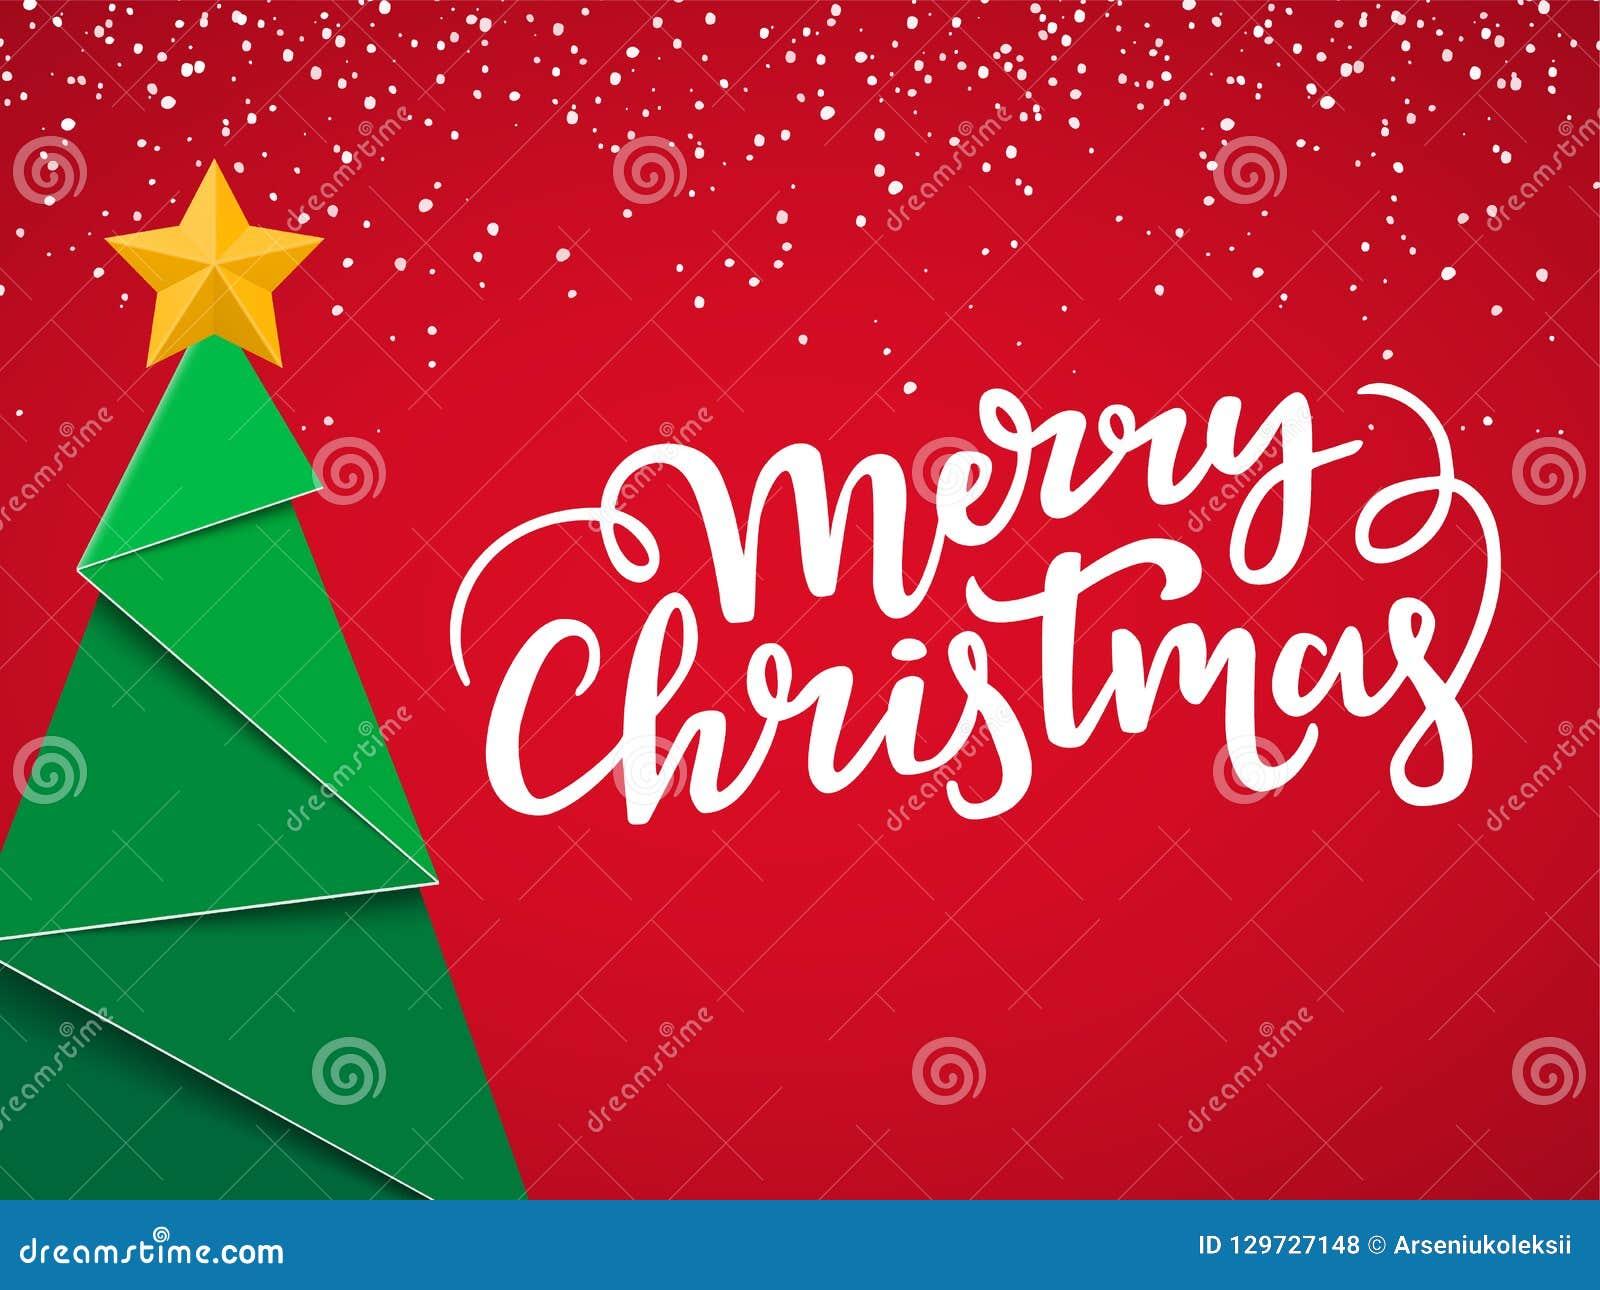 Świąteczna typographical Bożenarodzeniowa pocztówka Xmas karciany projekt z Nowym Pobliskim drzewem, złoto gwiazdą, literowaniem